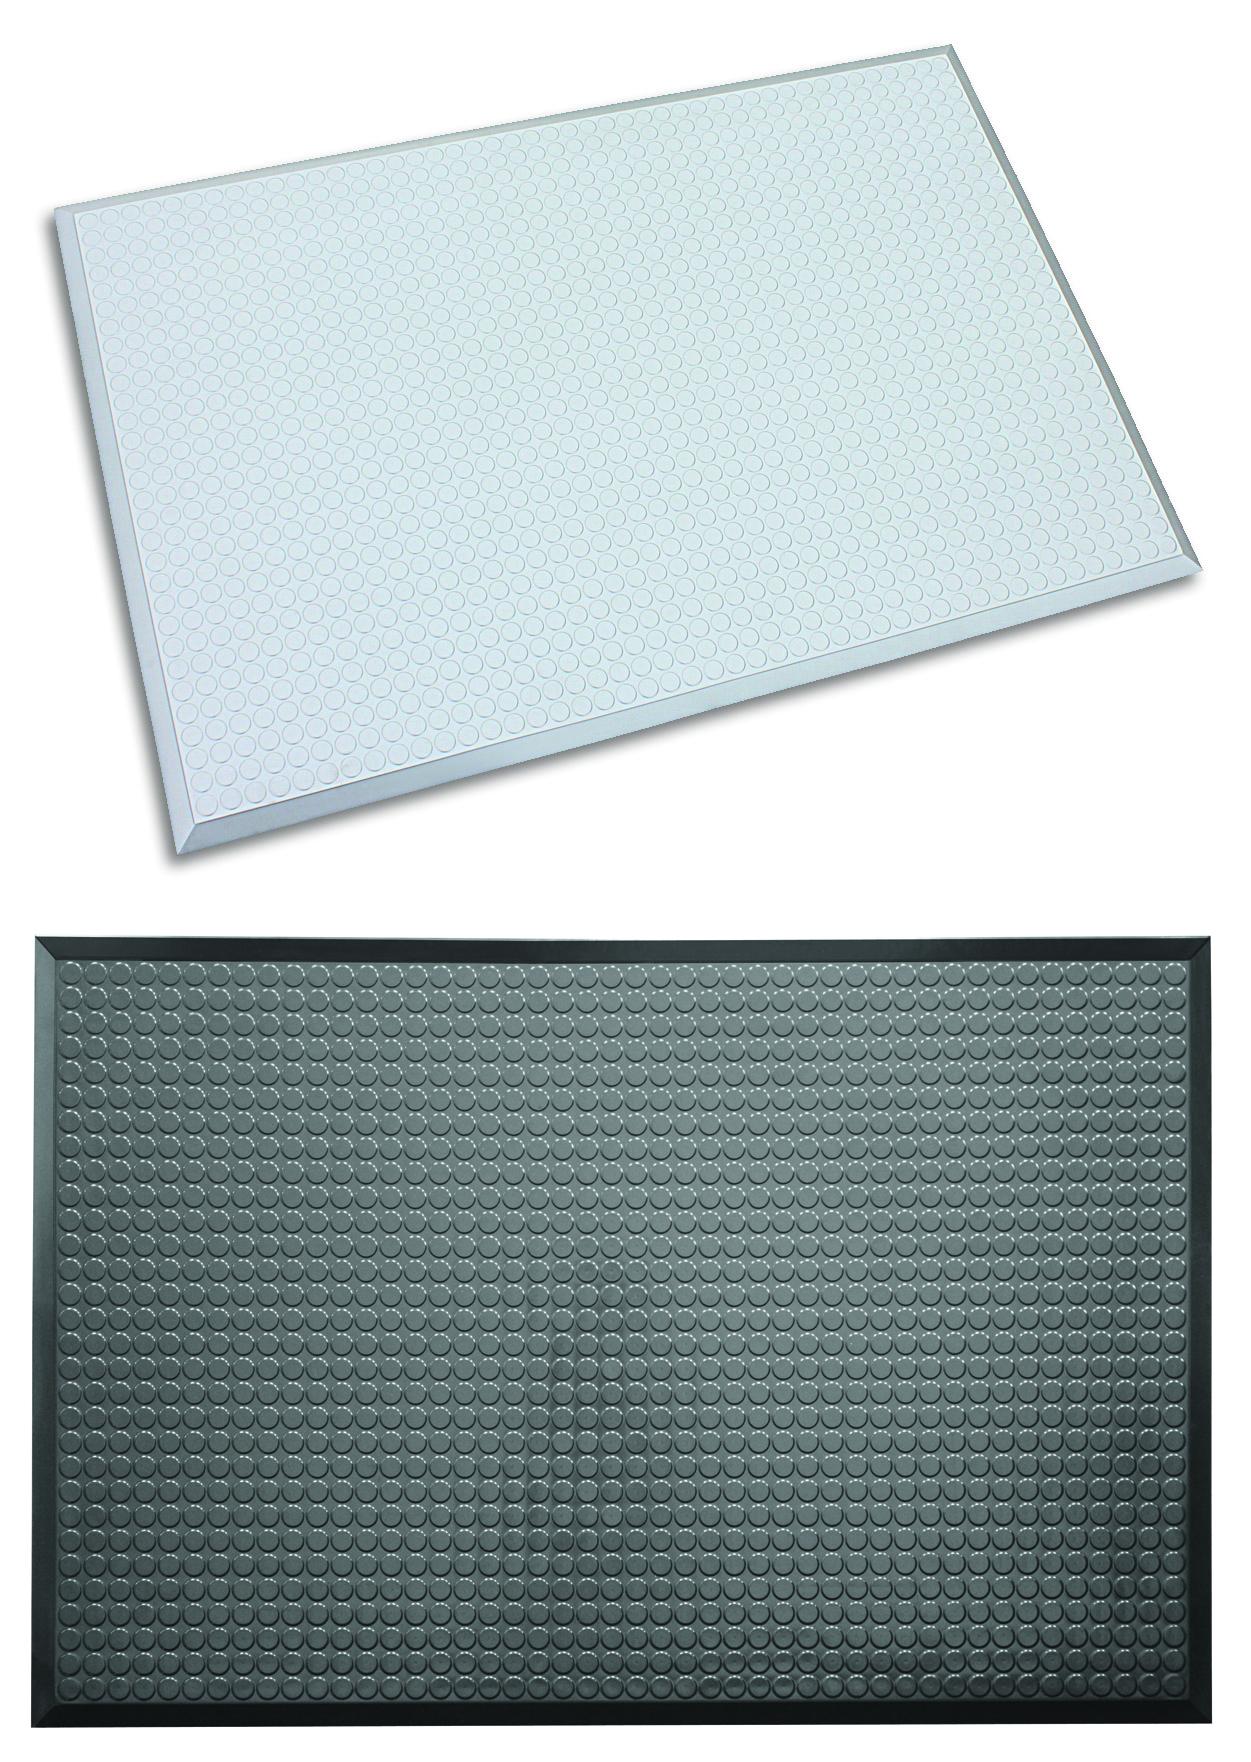 mats flexispot wellness fatigue shop standing anti mat accessories extreme